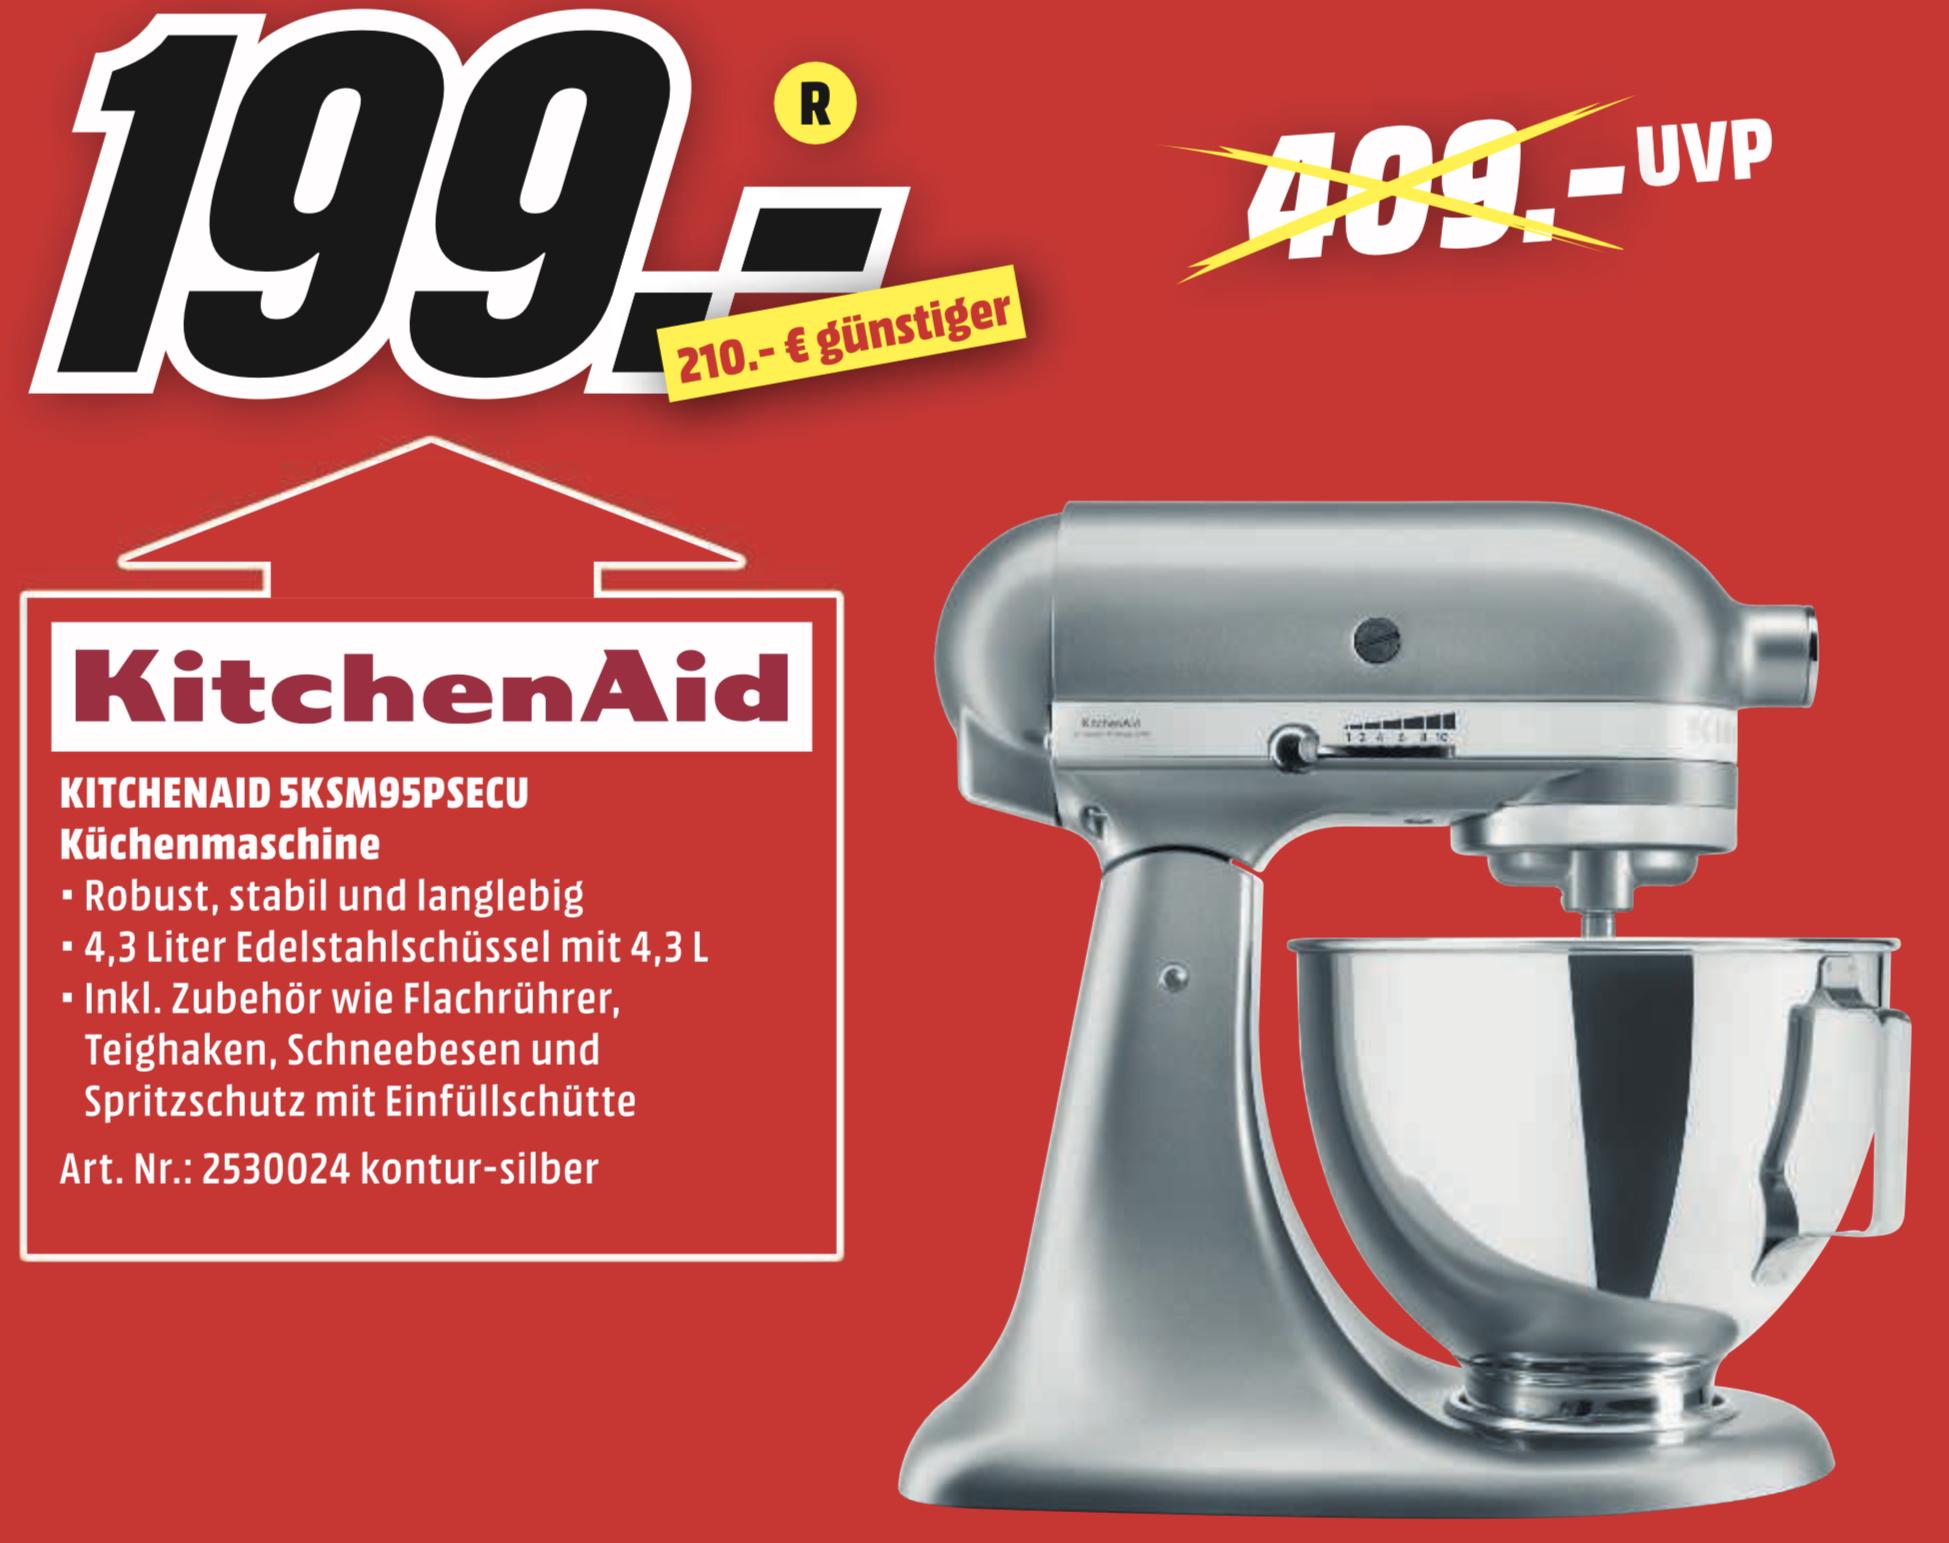 Lokal MediaMarkt Karlsruhe: KitchenAid 5KSM95PSECU Küchenmaschine kontur silber für 199€ / Miele Triflex HX1 Akku Staubsauger für 285€